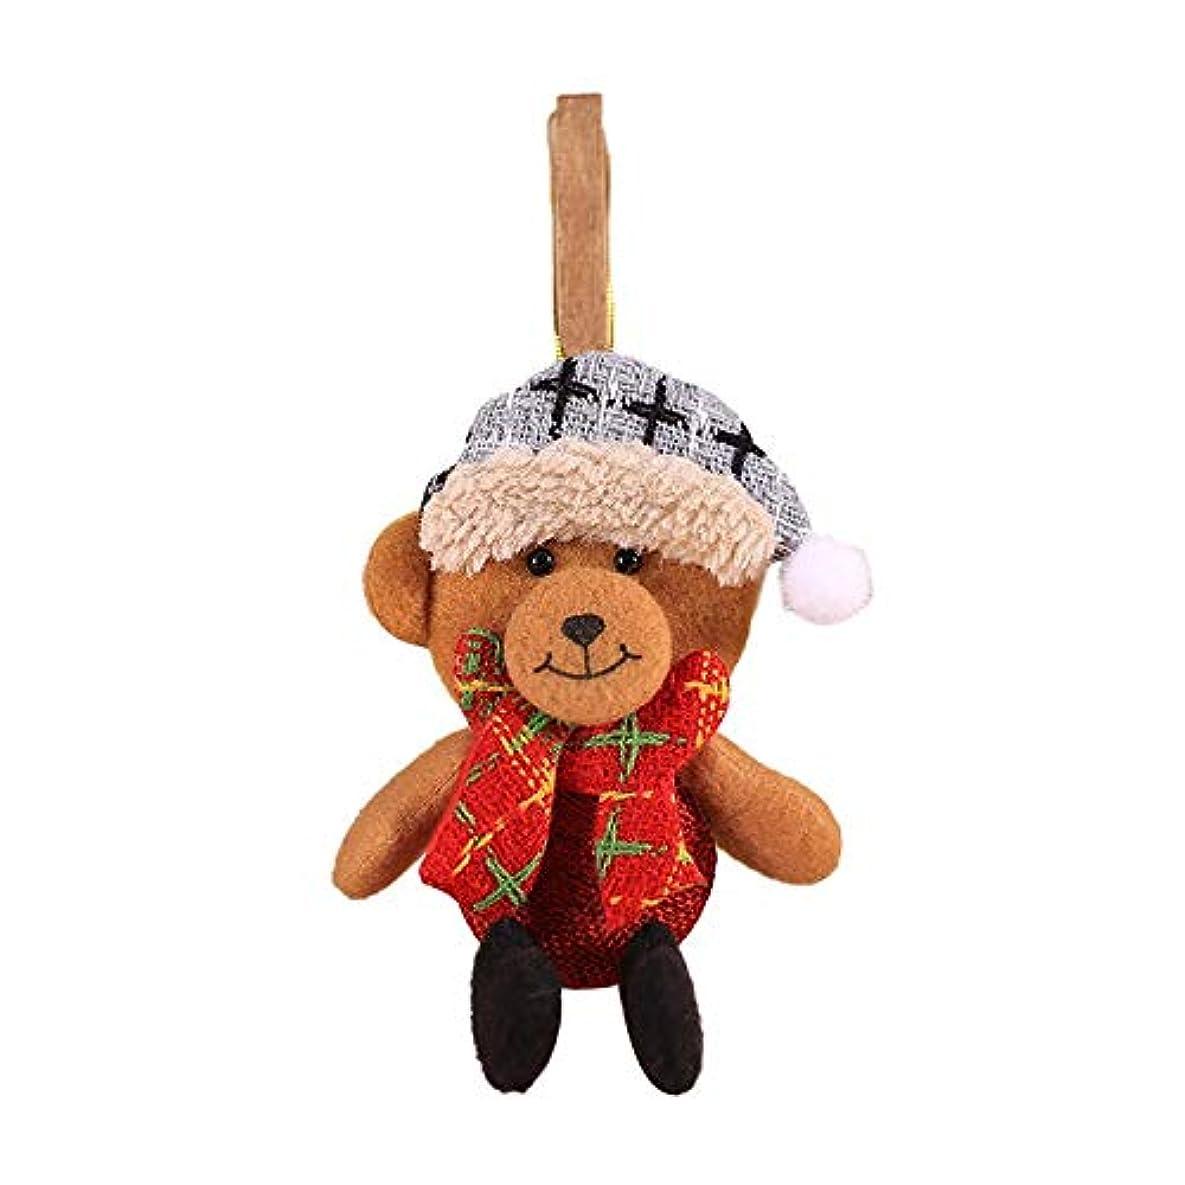 ゴミ箱を空にする学期石鹸クリスマスの装飾創造的なクリスマスのペンダントクリスマスツリーのペンダントクリスマスの素敵なミニ人形の小道具